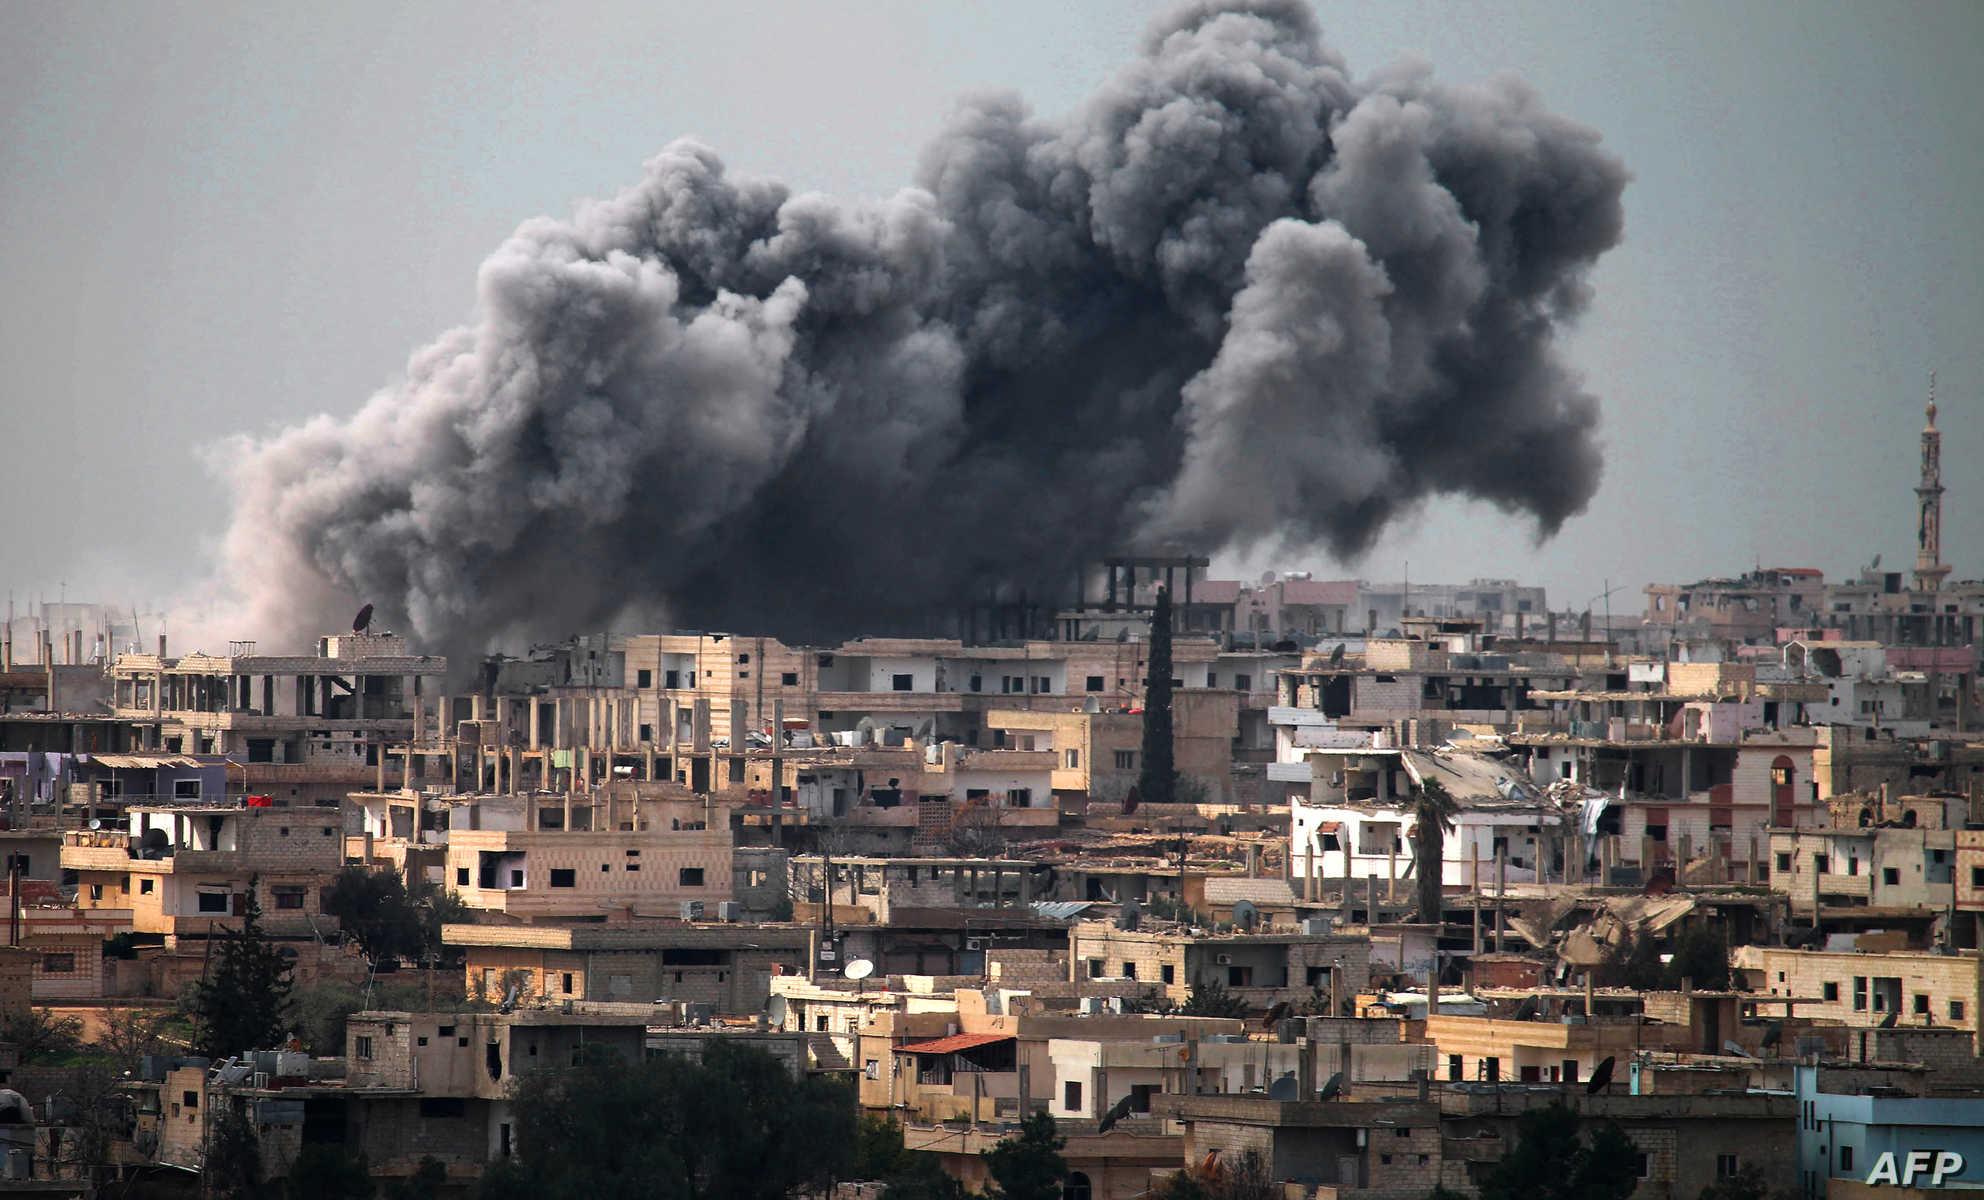 """عائلات """"درعا البلد"""" تعجز عن إعادة ترميم منازلها المدمَّرة جراء قصف النظام"""